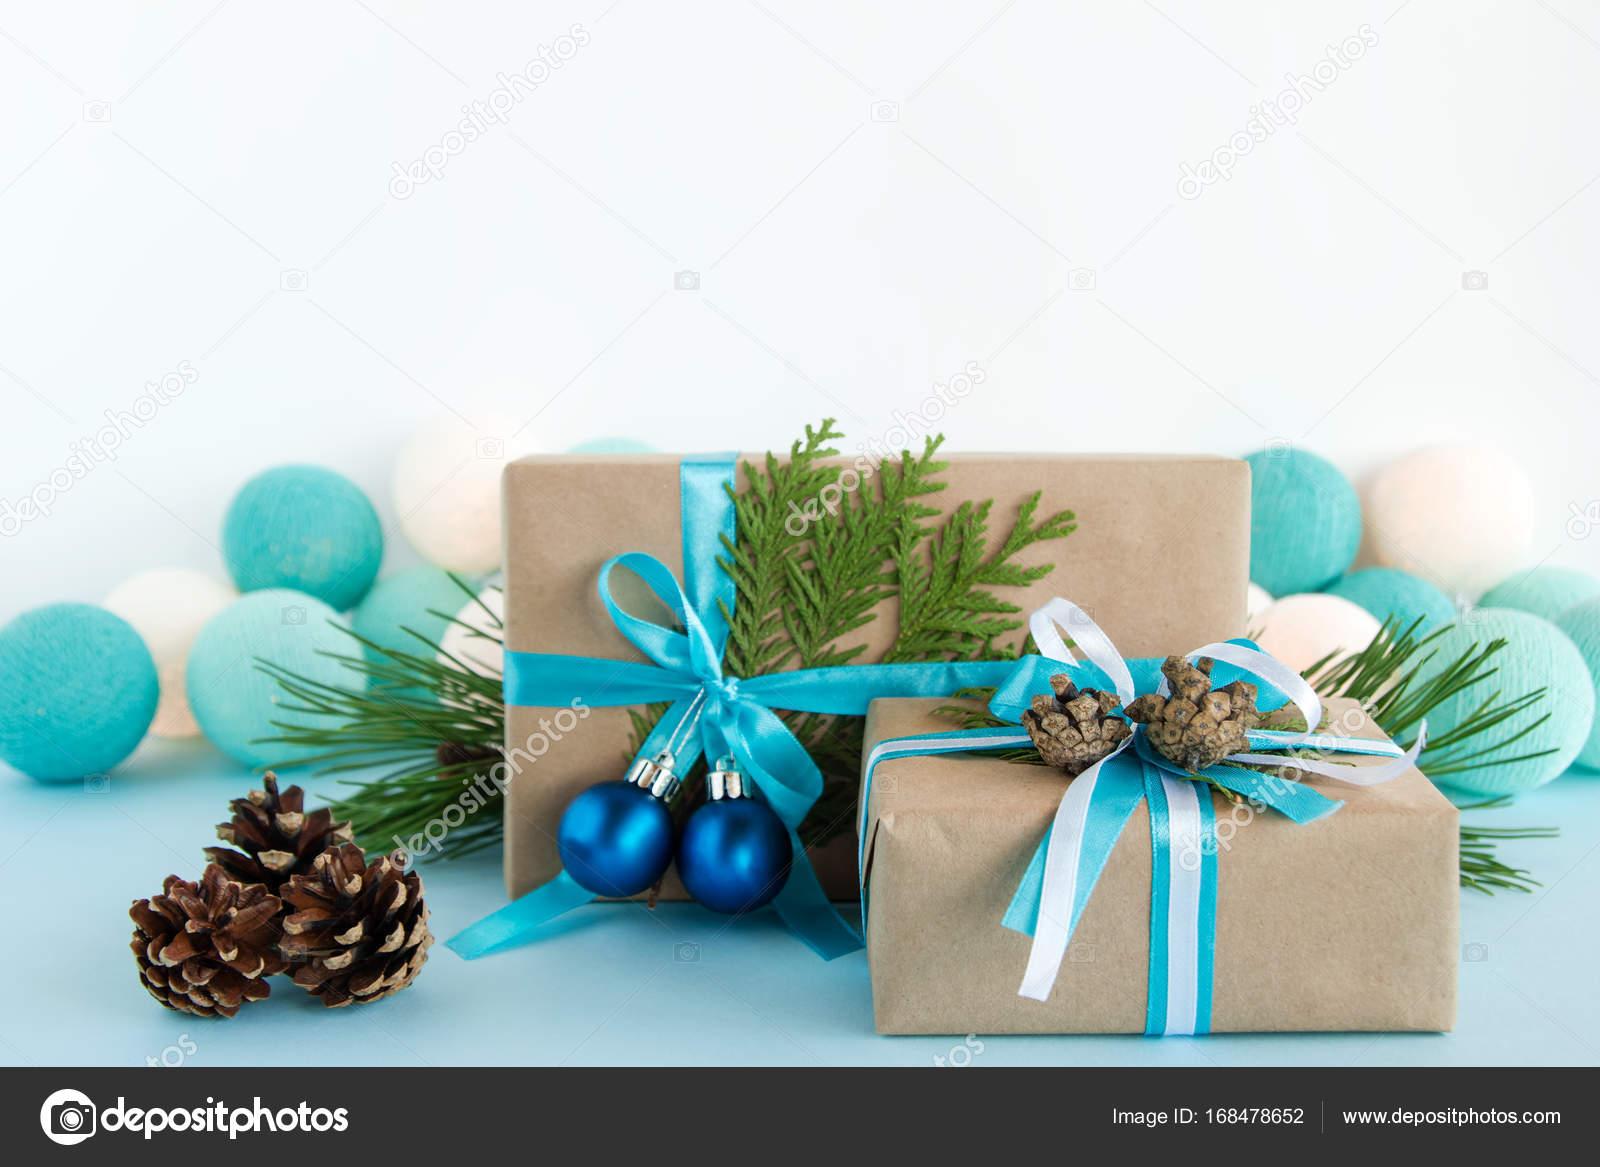 Weihnachtsbeleuchtung Kegel.Weihnachts Geschenk Boxen Verpackt Von Kraftpapier Blauen Und Weiße